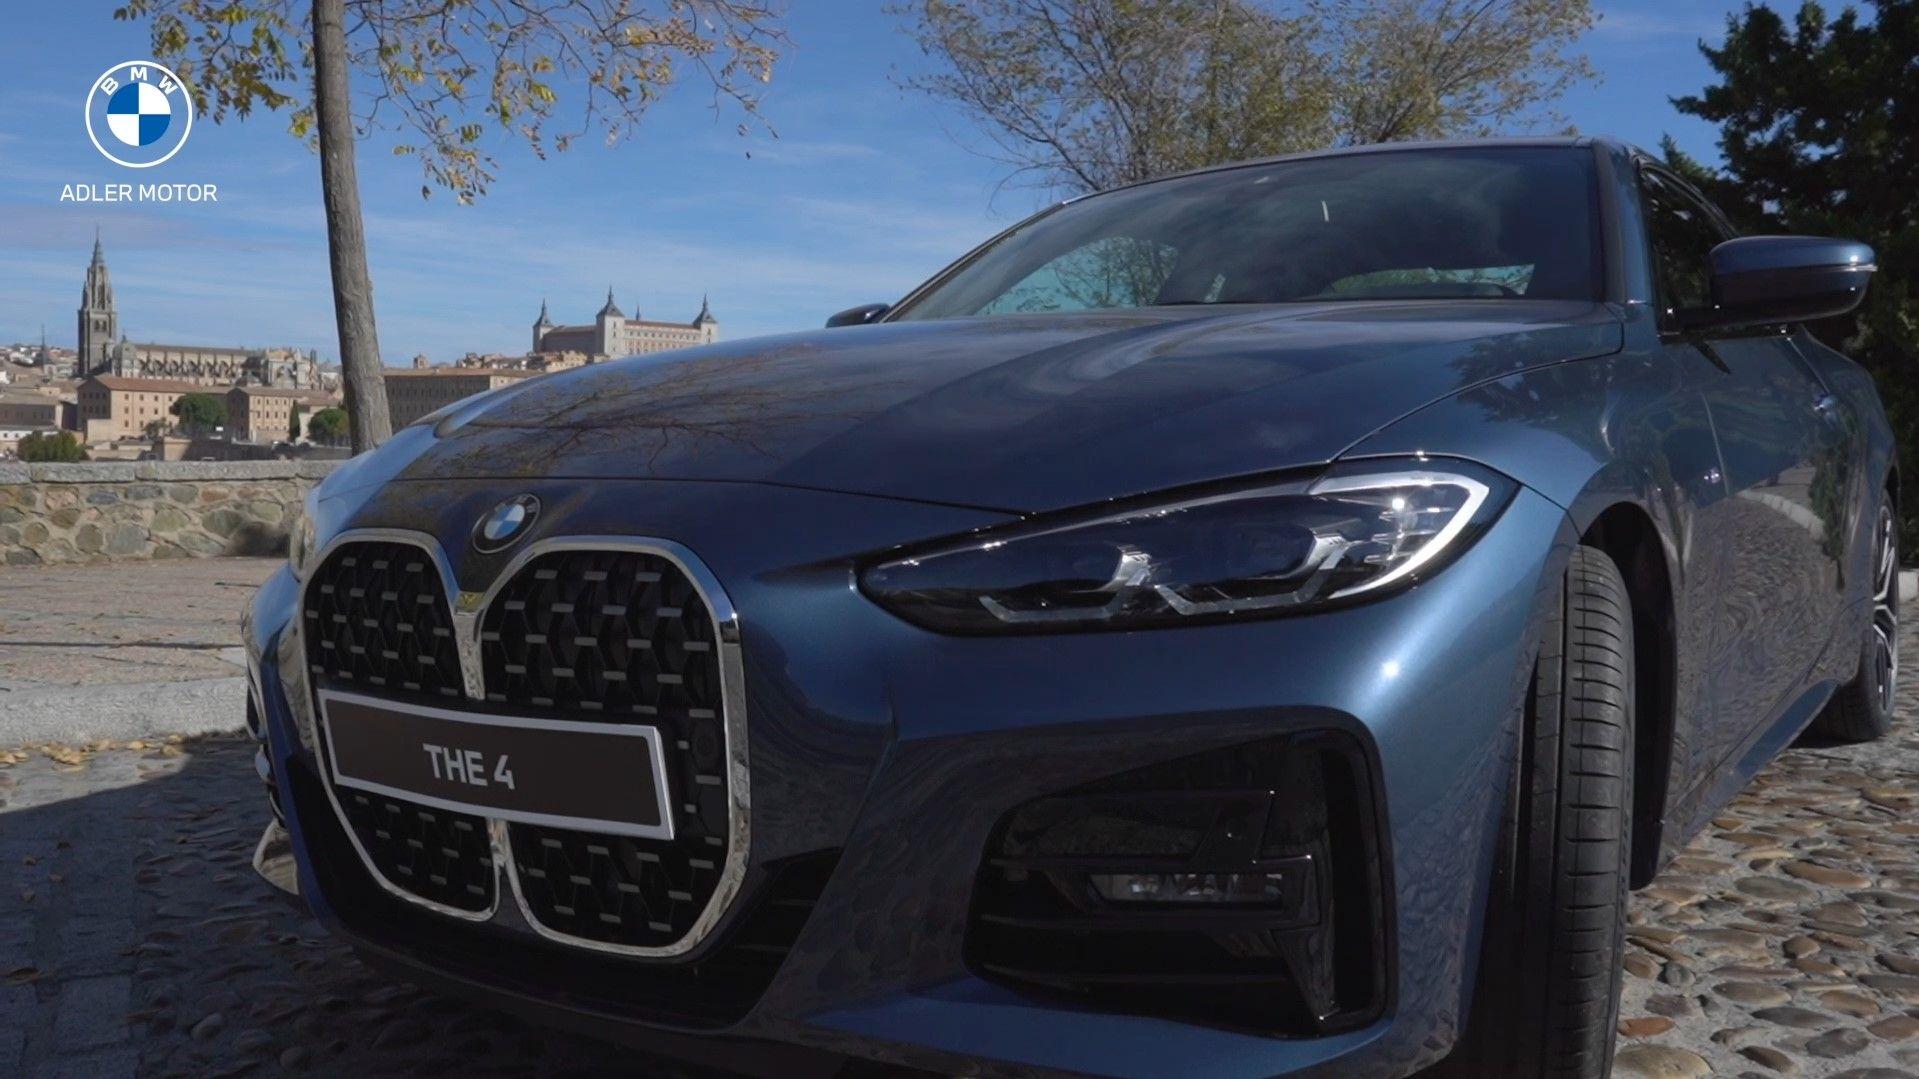 BMW Serie 4 Coupe. Adler Motor. BMW y MINI en Toledo y Talavera. Concesionario oficial y taller autorizado. Venta de vehiculos nuevos, y bmw de ocasion y segunda mano.